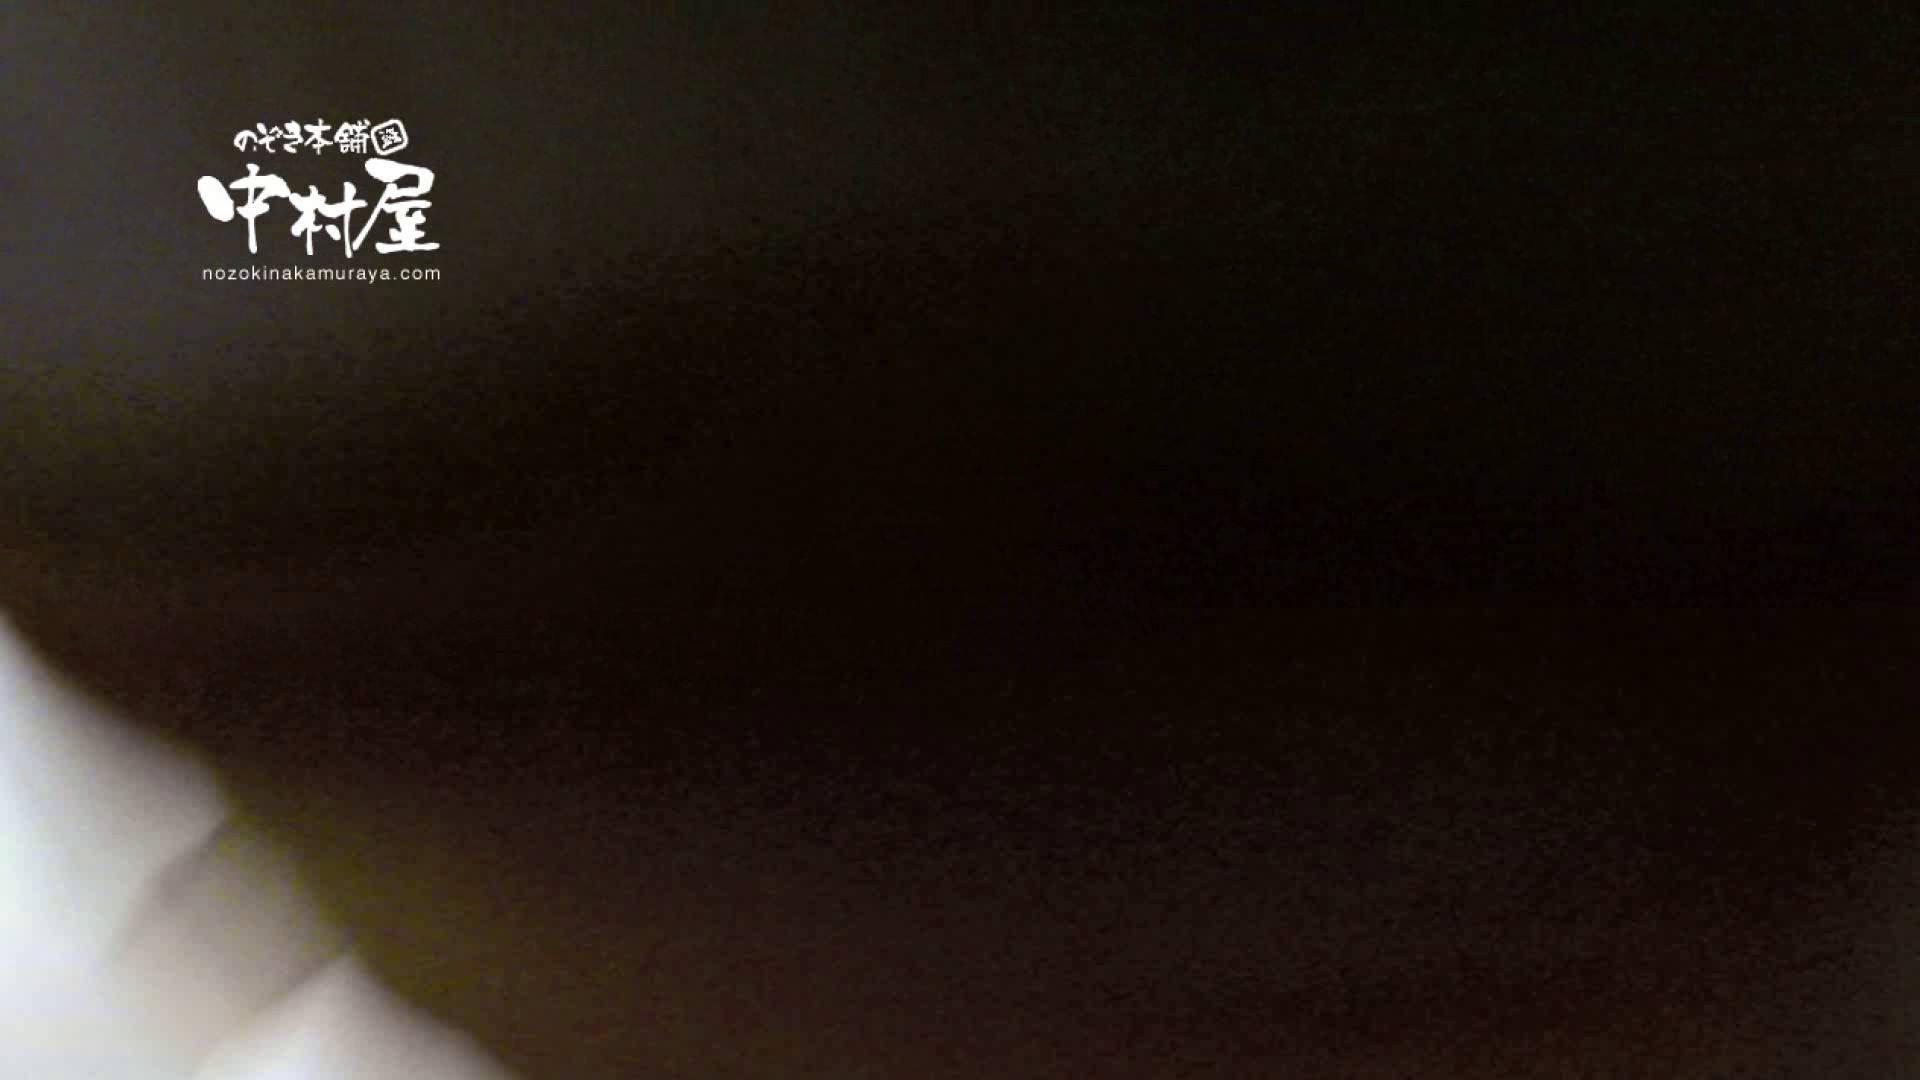 鬼畜 vol.08 極悪!妊娠覚悟の中出し! 前編 中出し | 鬼畜  84連発 43